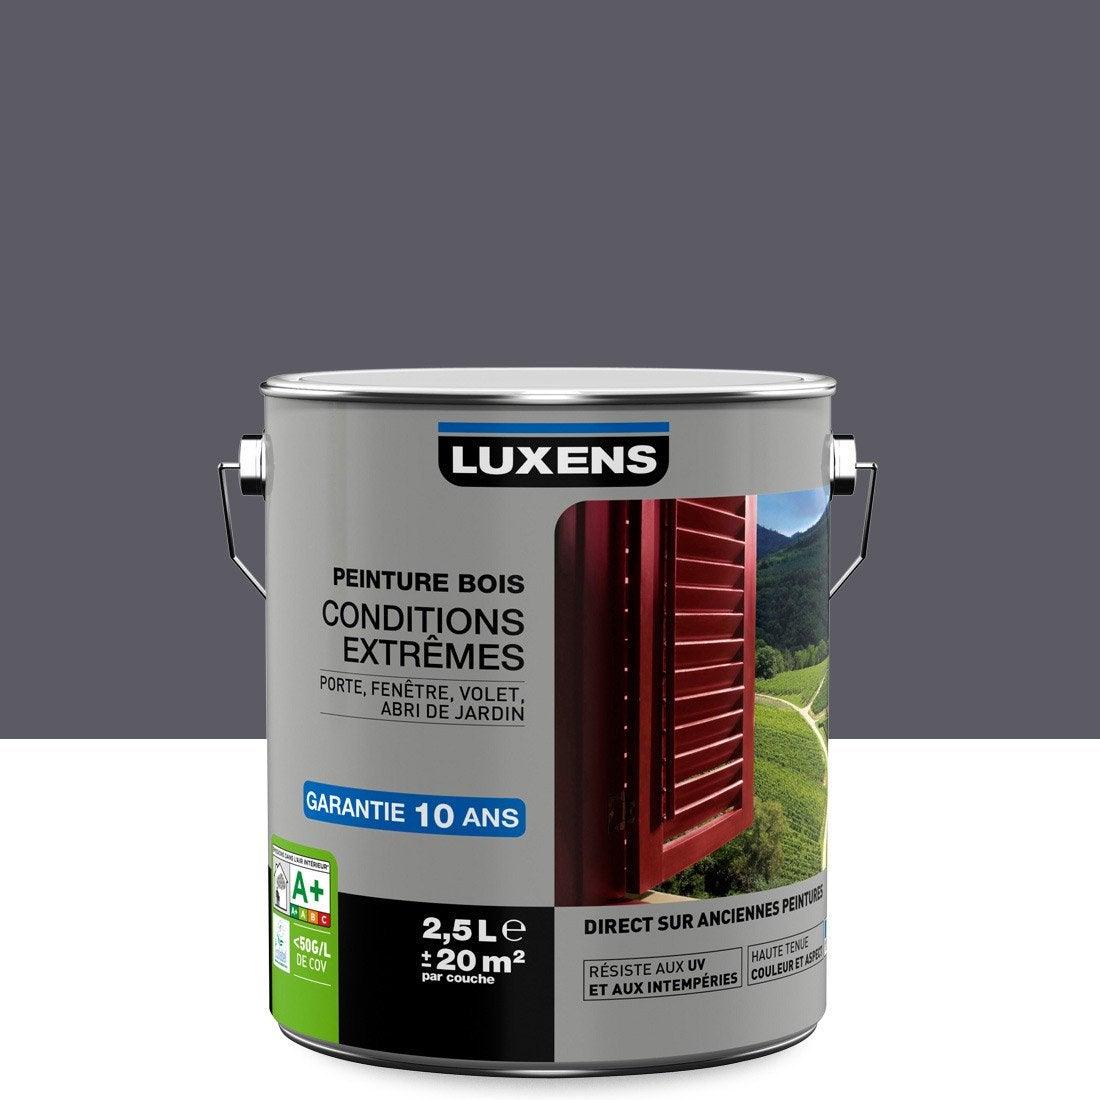 Attrayant Peinture Bois Extérieur Conditions Extrêmes LUXENS, Gris Galet N°1, 2.5 L